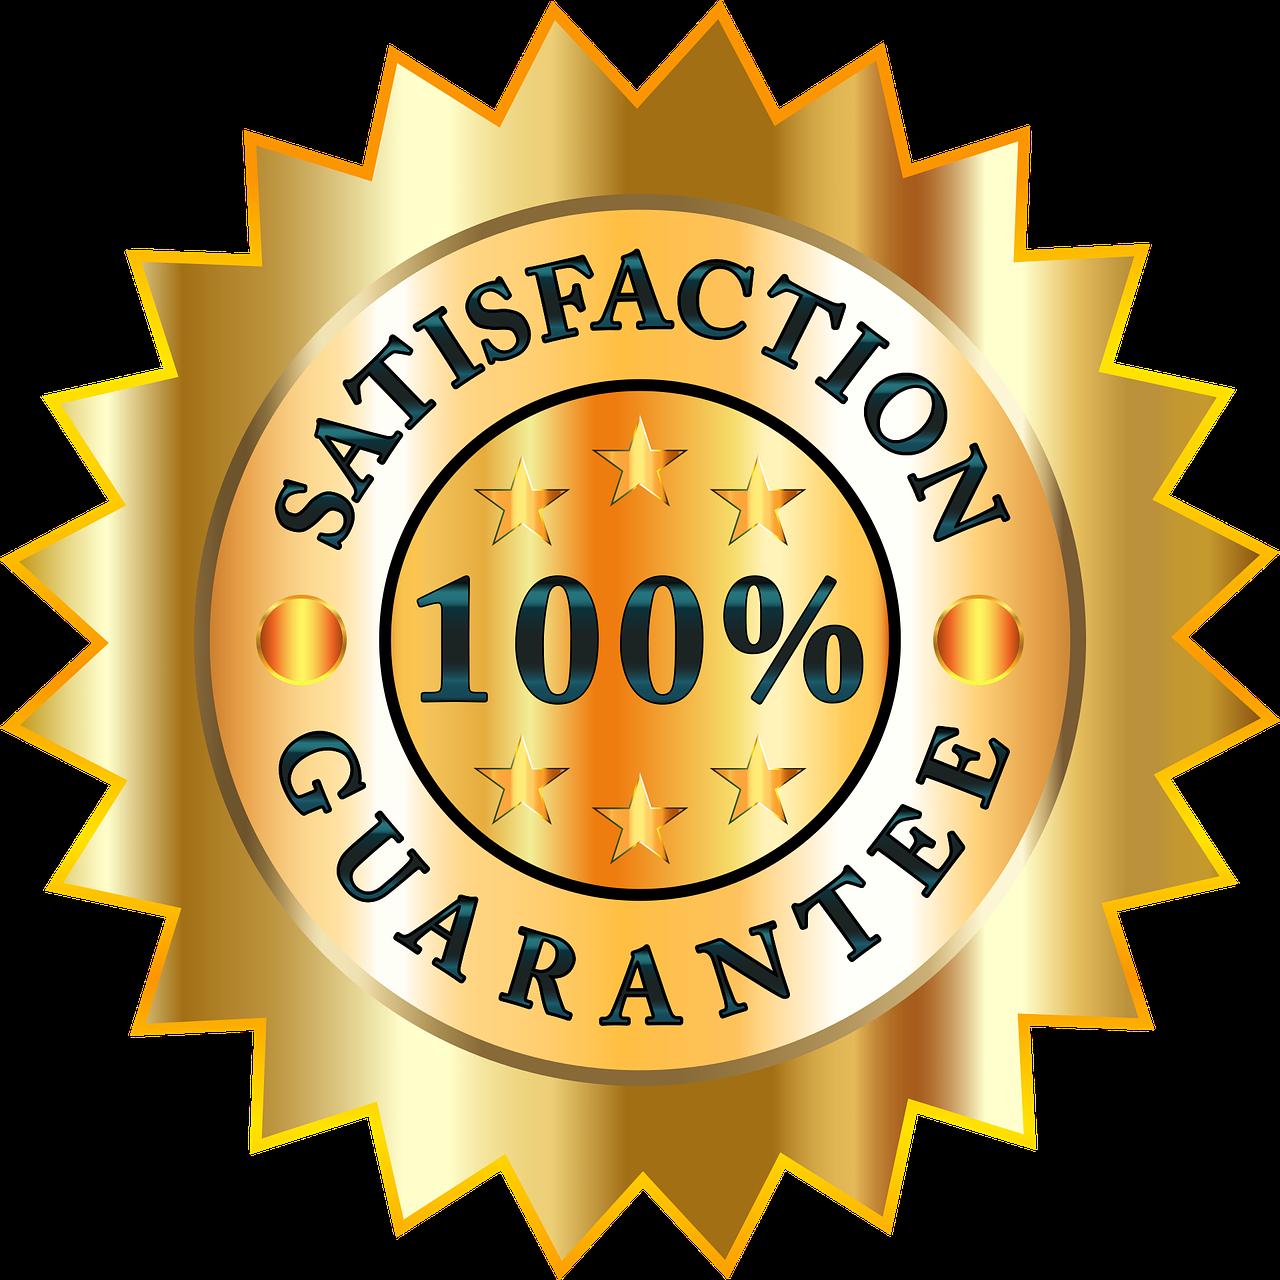 100% garancia az adott szóra - az Ilona apartmanban